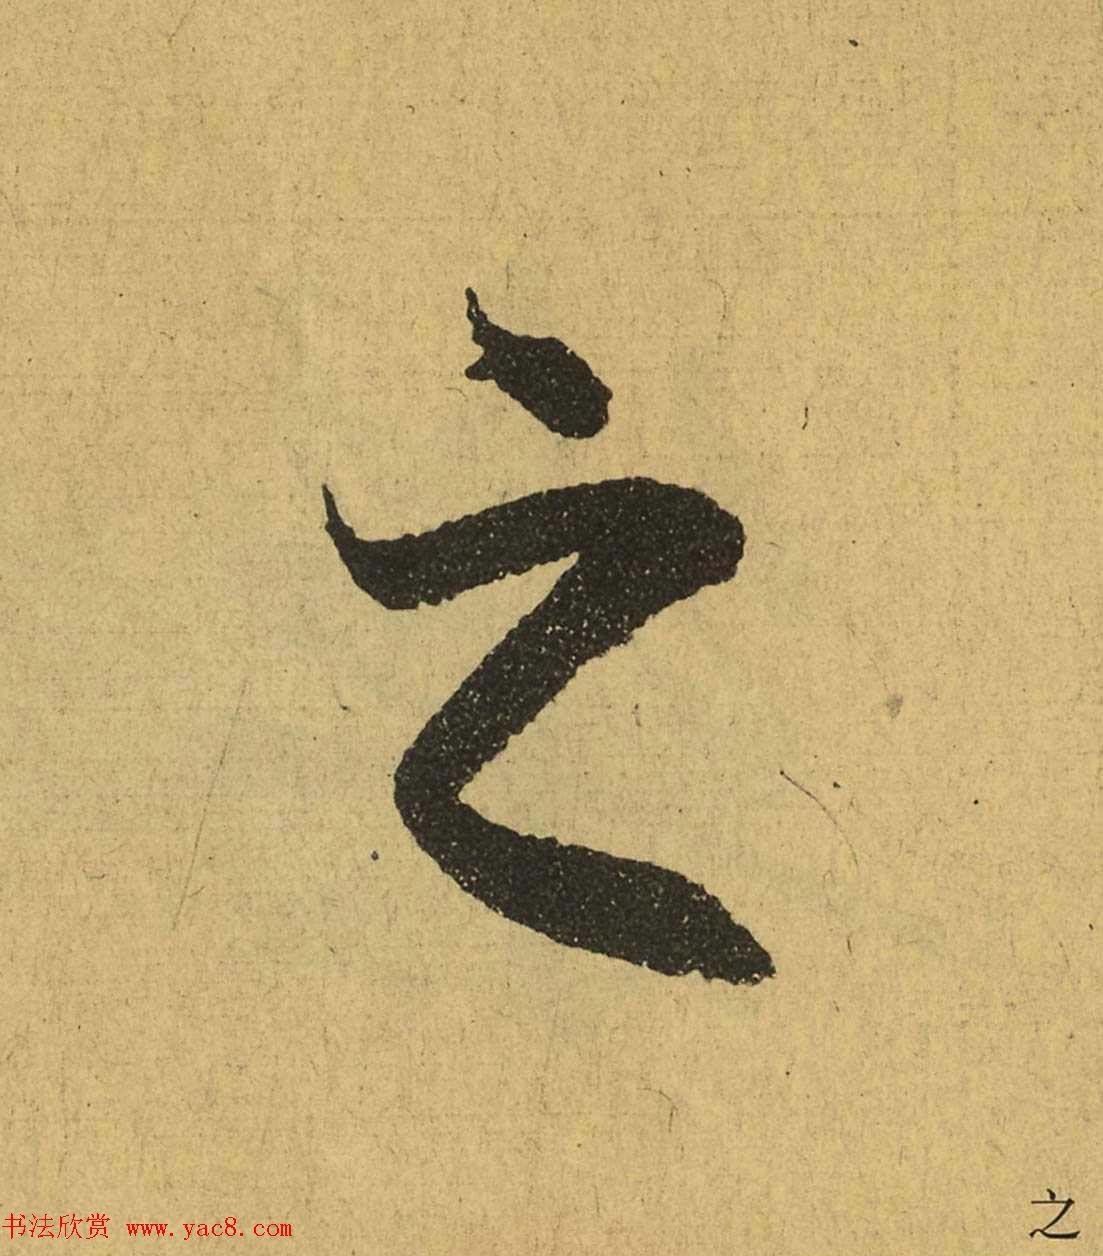 王羲之兰亭集序全文单字高清放大字帖 第22页 行书字帖 书法欣赏